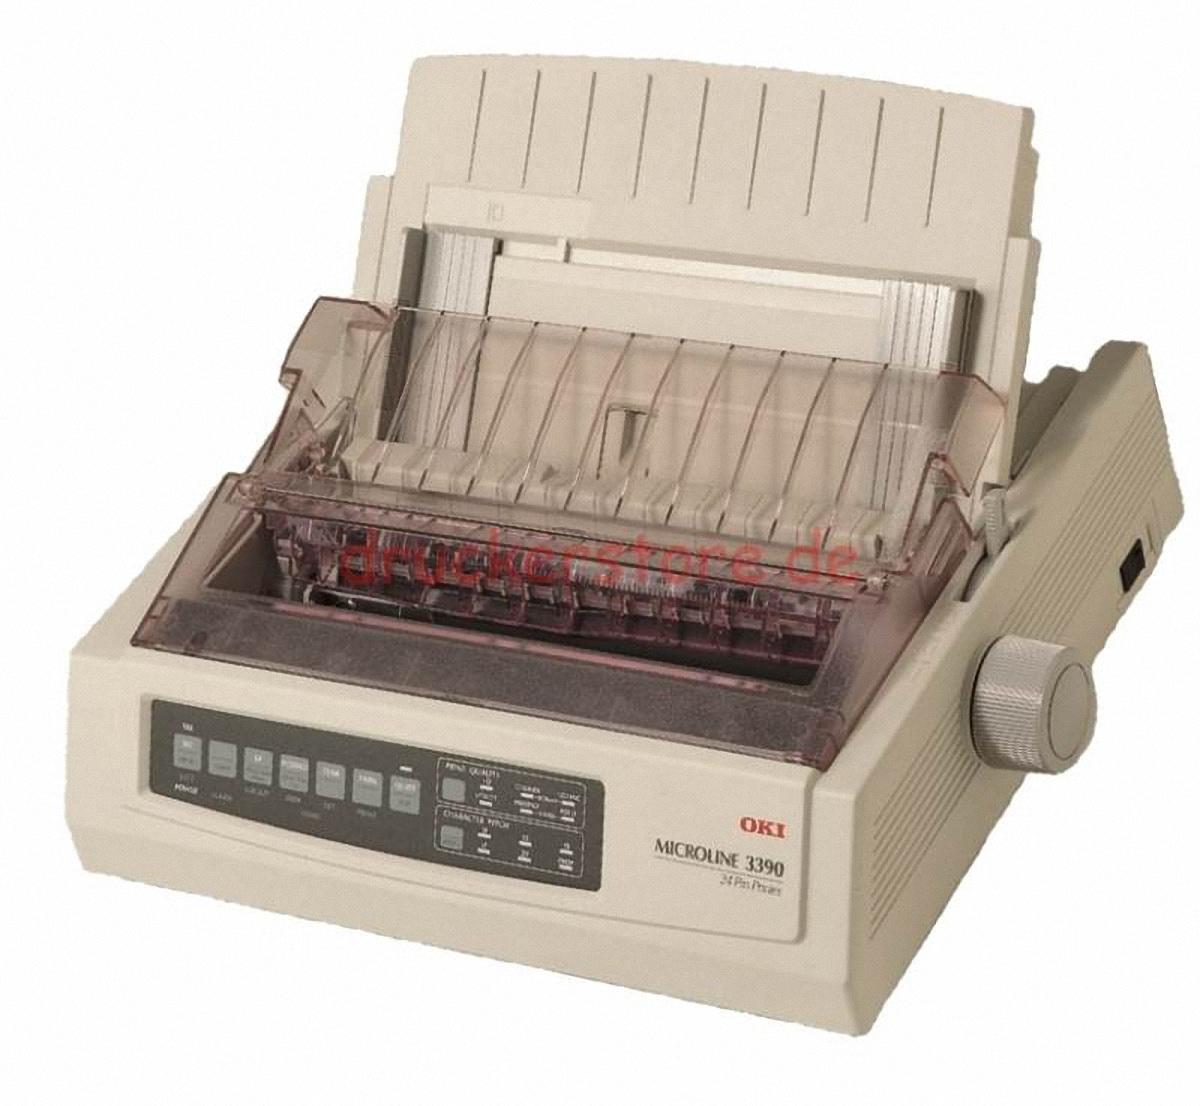 OKI Microline 3390